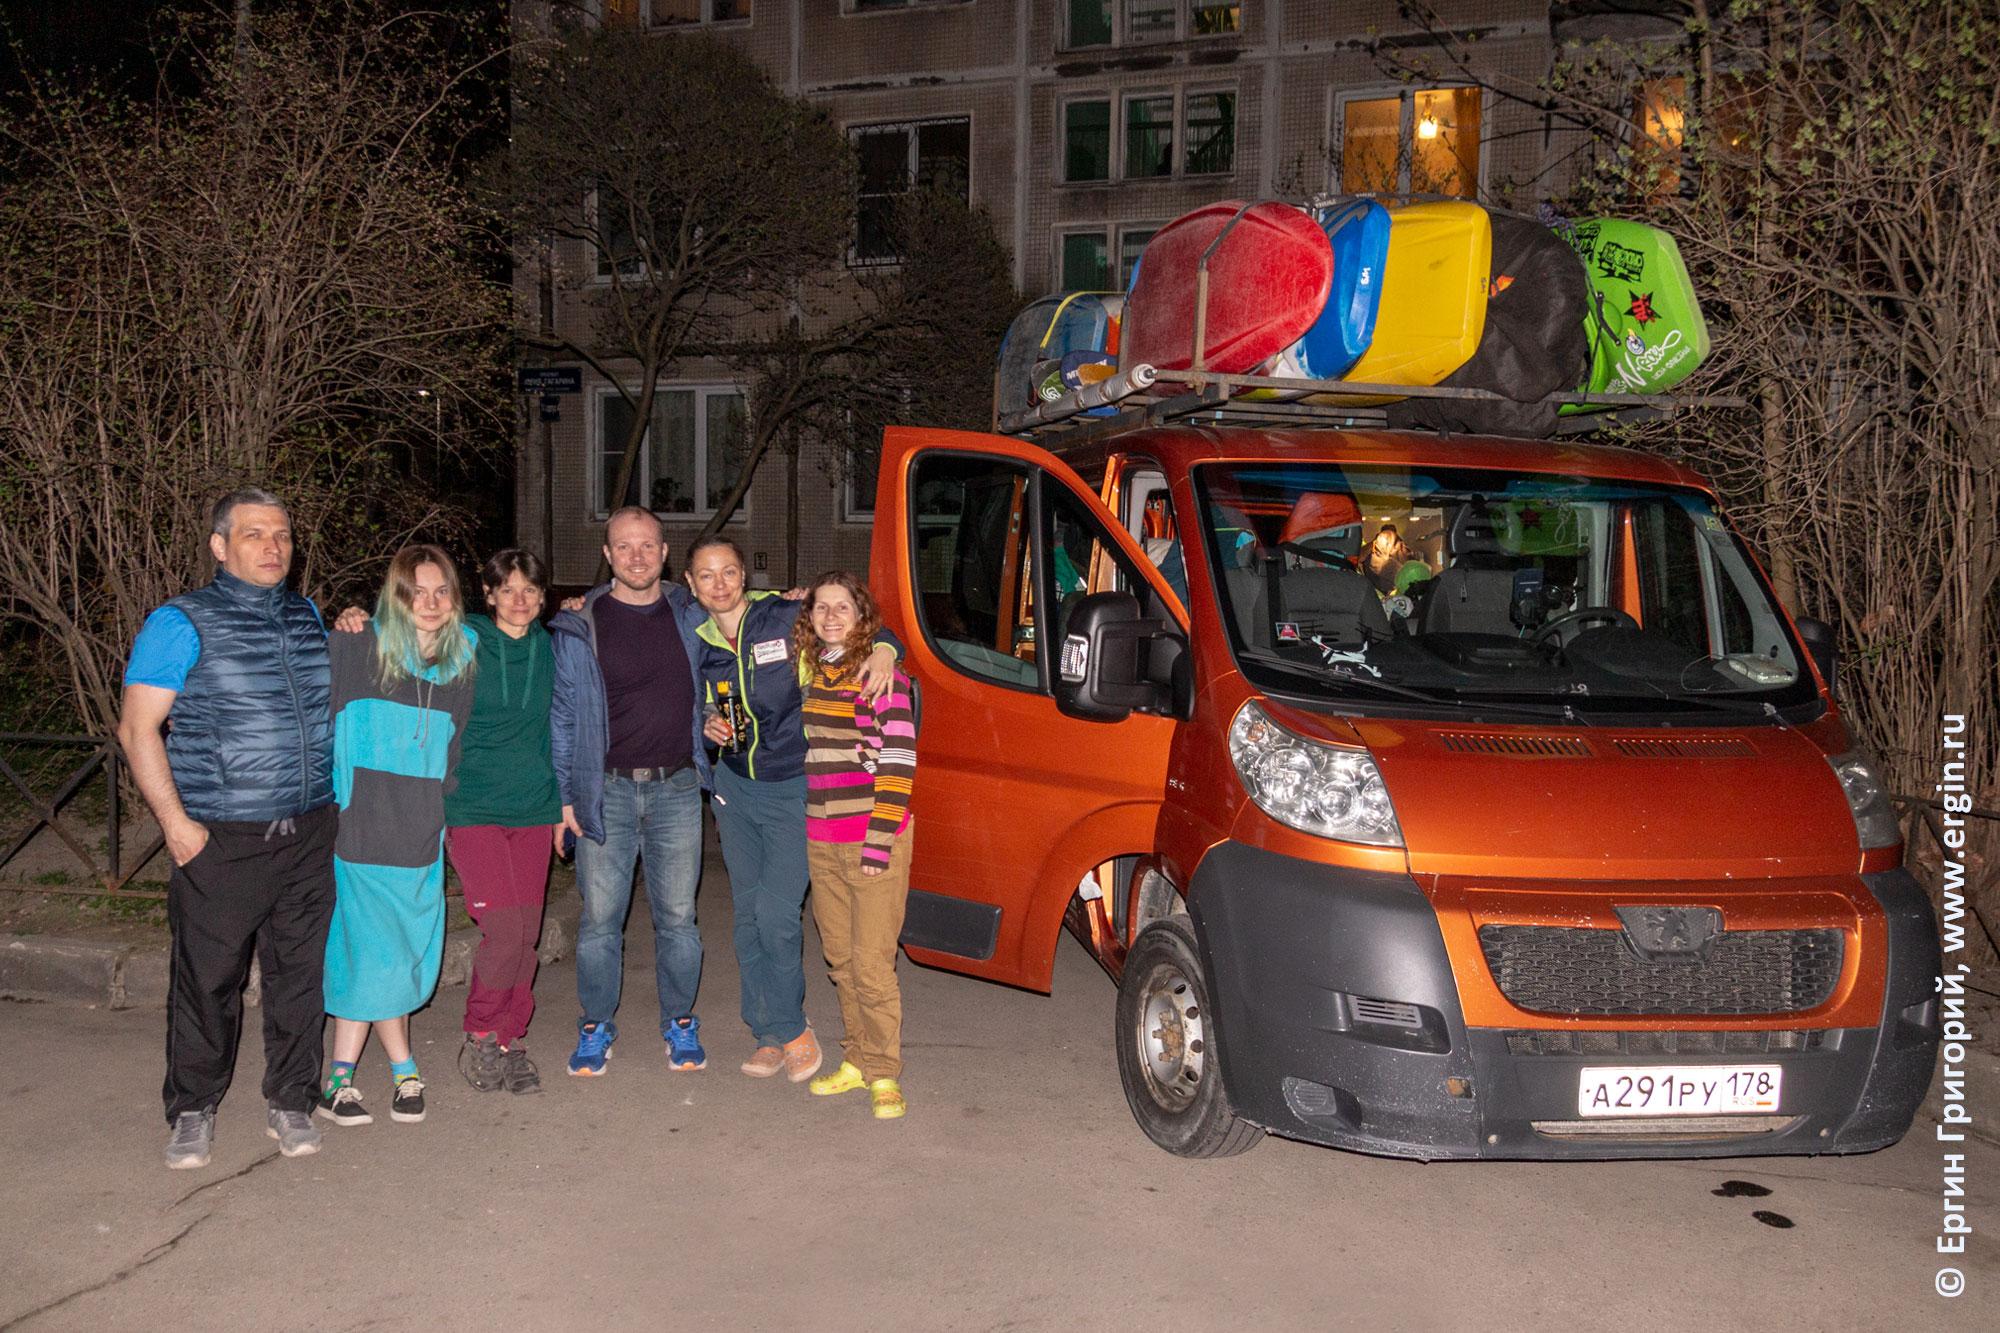 Автобус каякеров с каяками родеобас отправляется в Платтлинг Германия